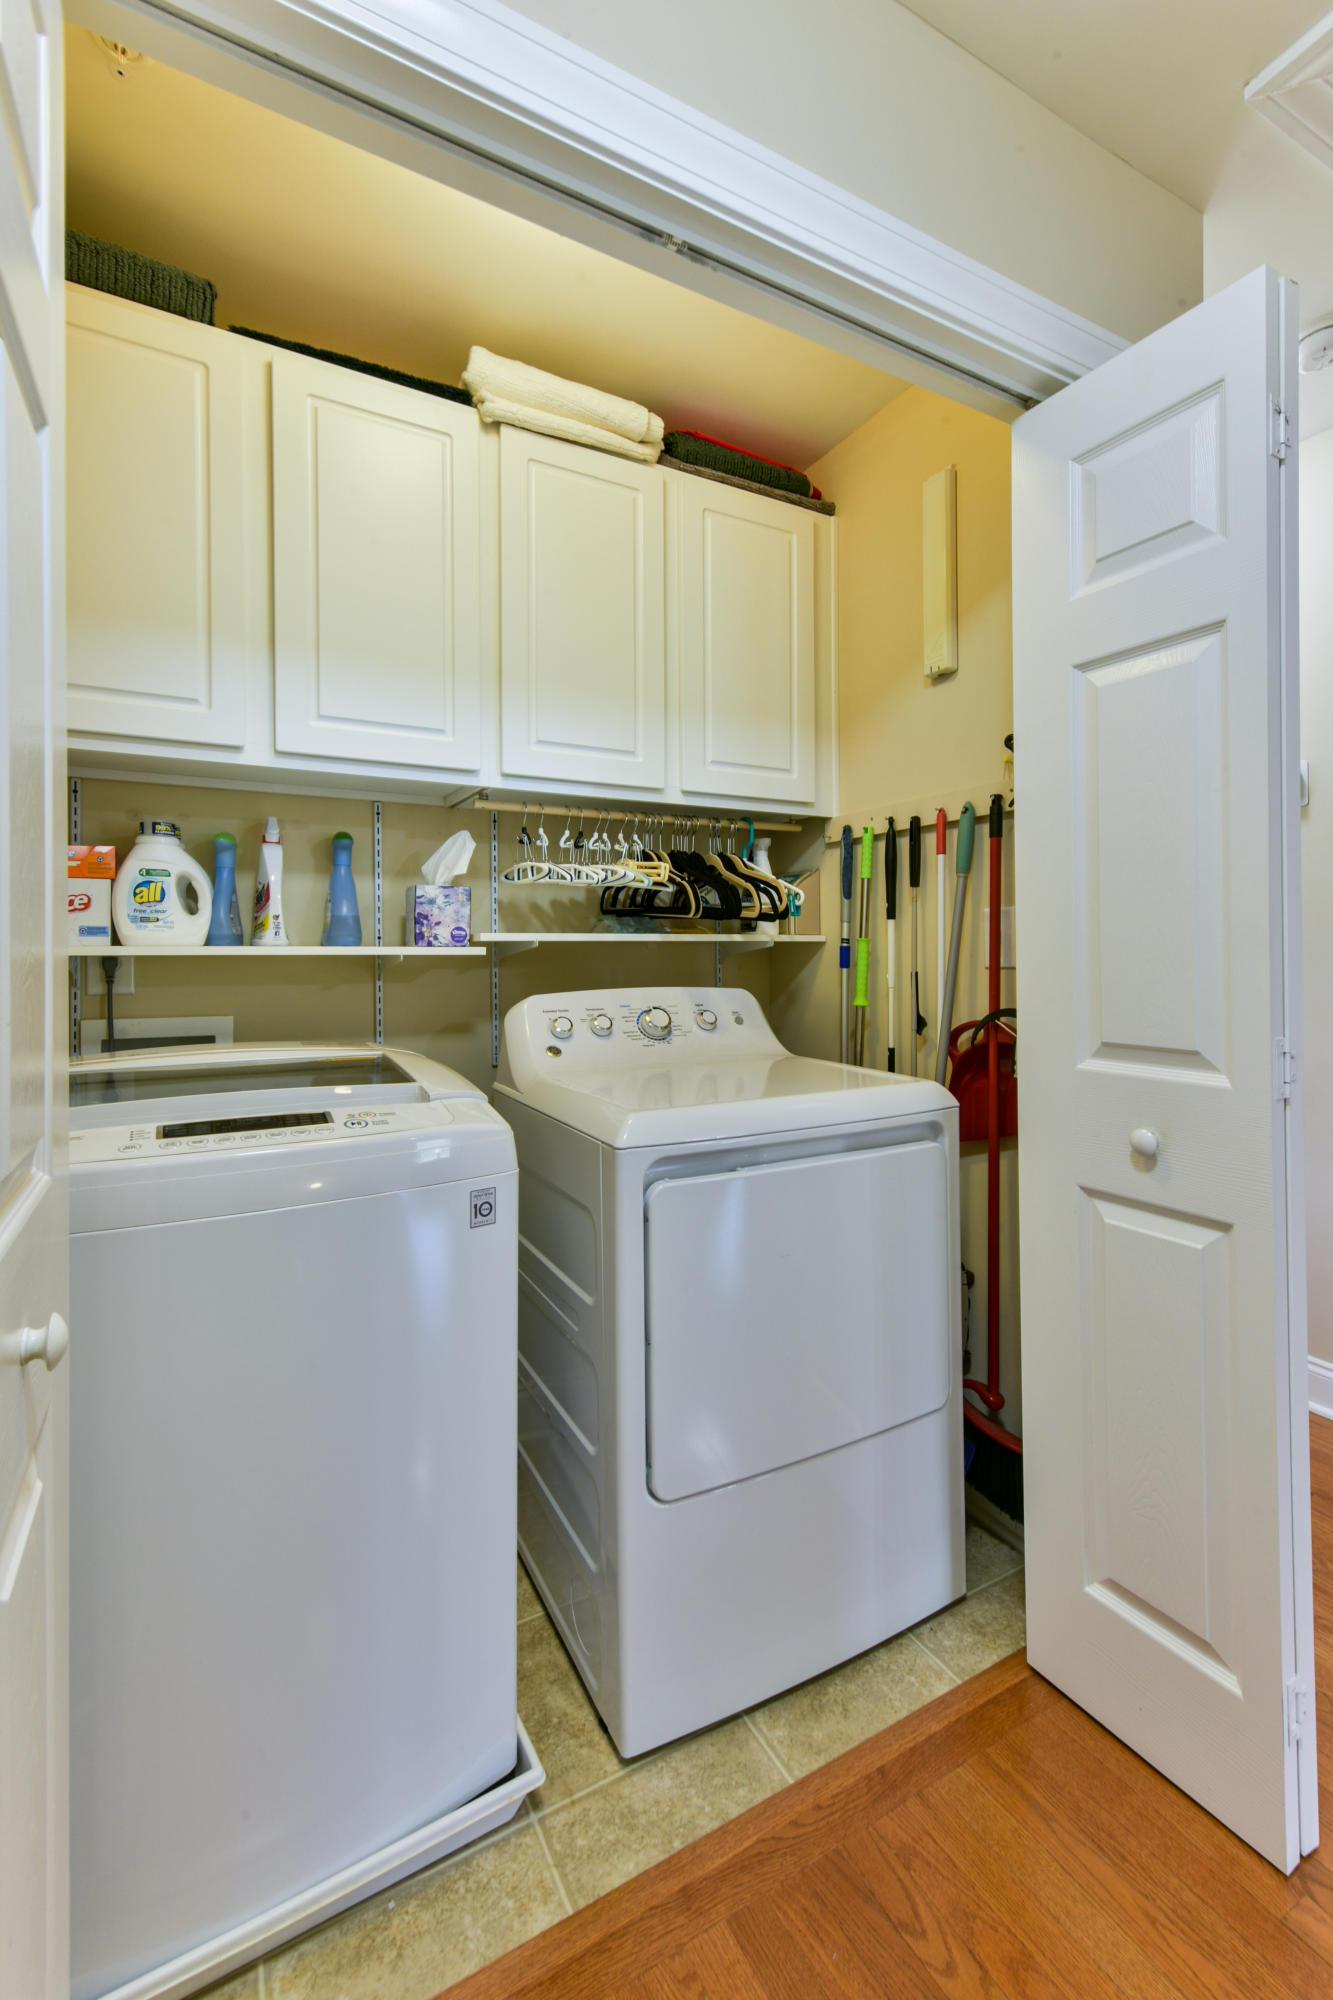 Park West Homes For Sale - 3580 Bagley, Mount Pleasant, SC - 18